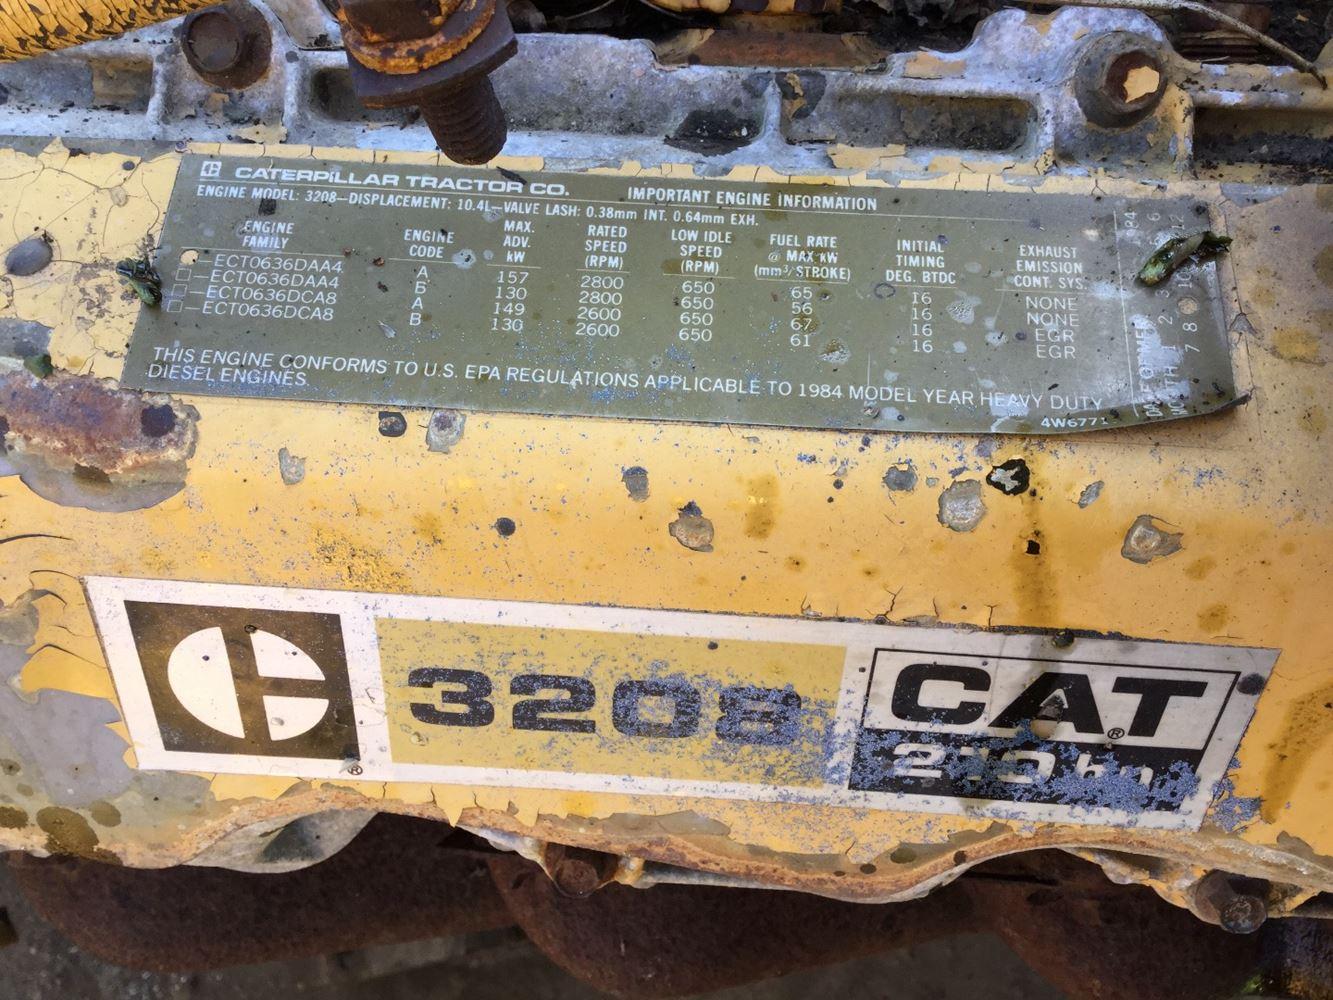 Caterpillar 3208 (Stock #CAT-2848) | Engine Assys | TPI